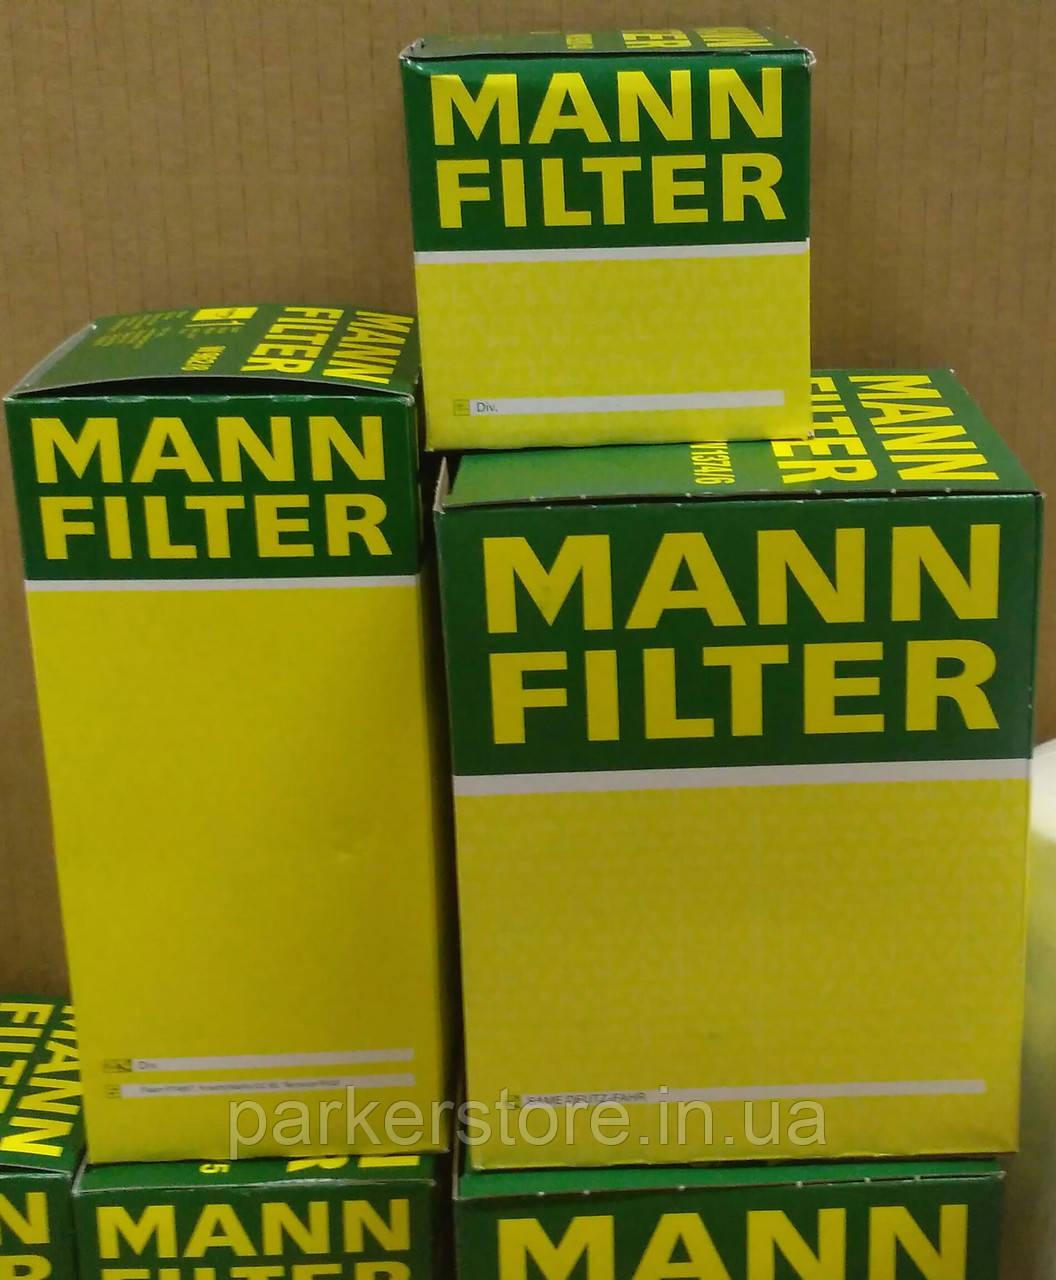 MANN FILTER / Воздушный фильтр / C 30 161 / C30161